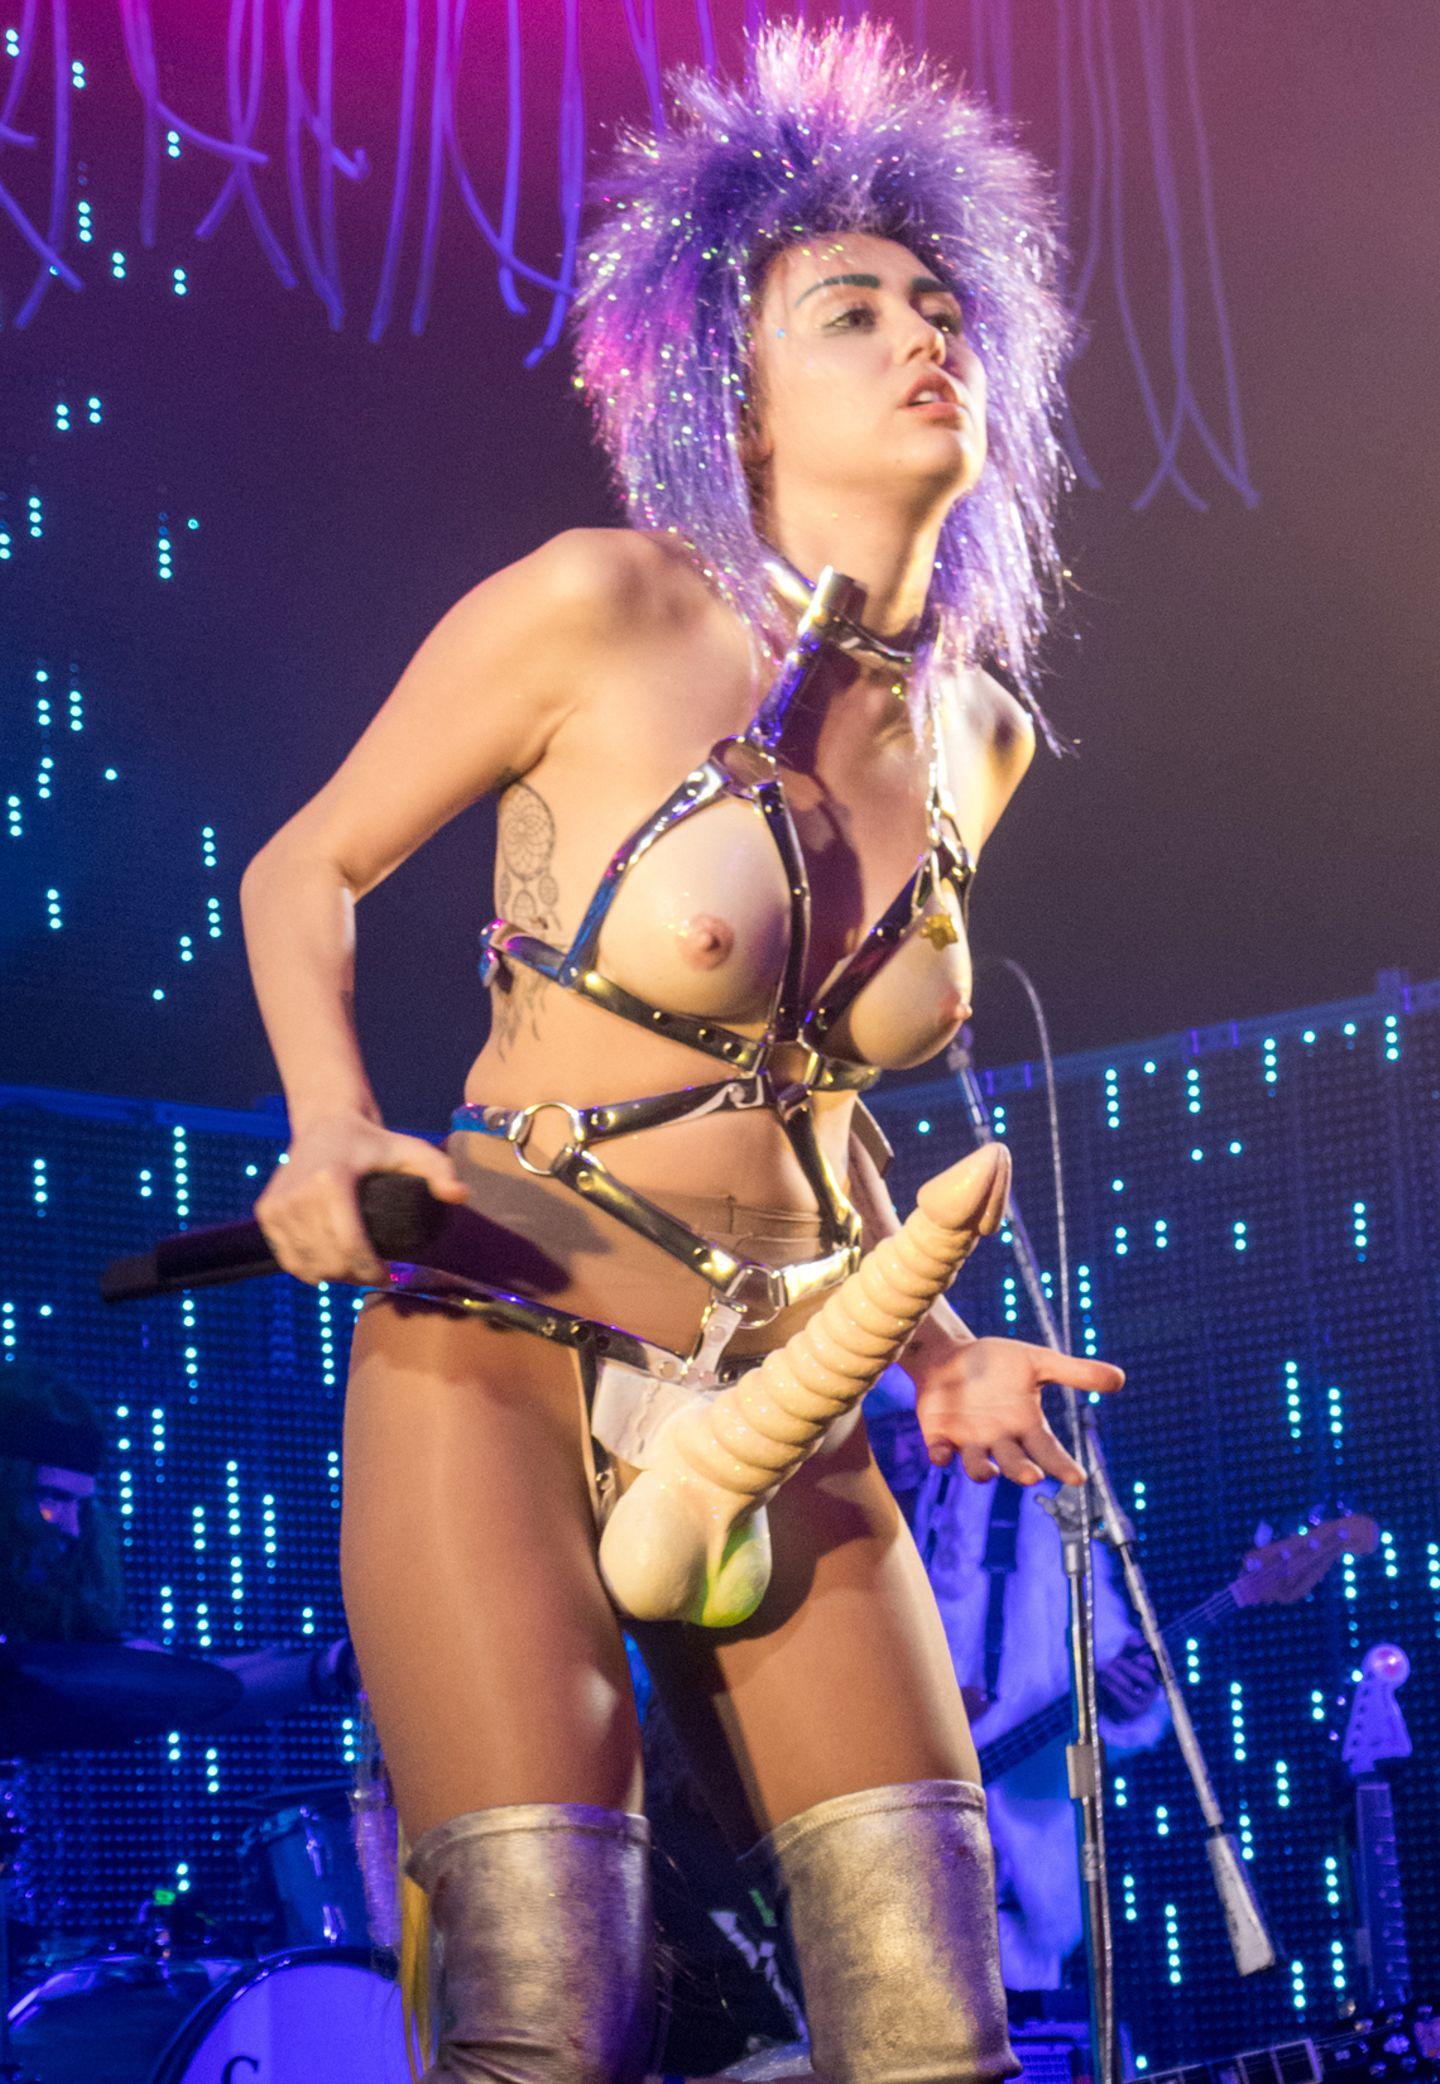 Tja, was soll man dazu noch sagen? Eine Runde durch den Sex-Shop, und zack: fertig ist das Outfit. Miley Cyrus weiß eben, wie man so richtig stillos provoziert.